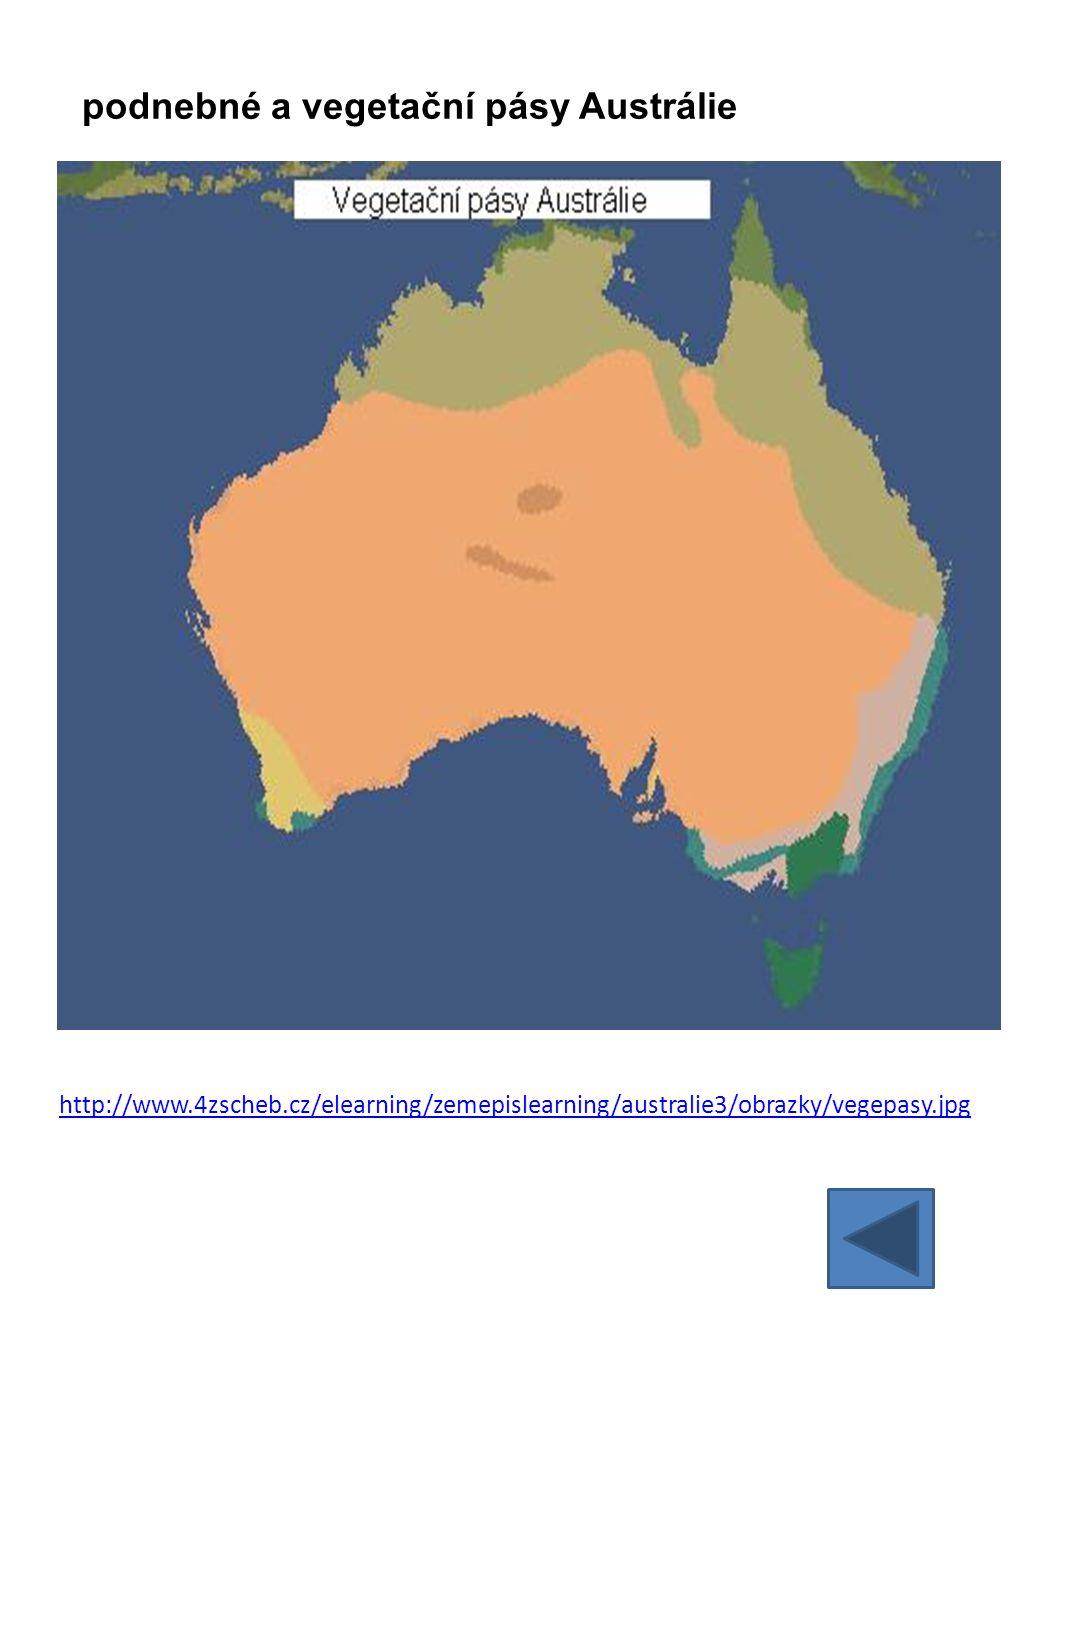 http://www.4zscheb.cz/elearning/zemepislearning/australie3/obrazky/vegepasy.jpg podnebné a vegetační pásy Austrálie